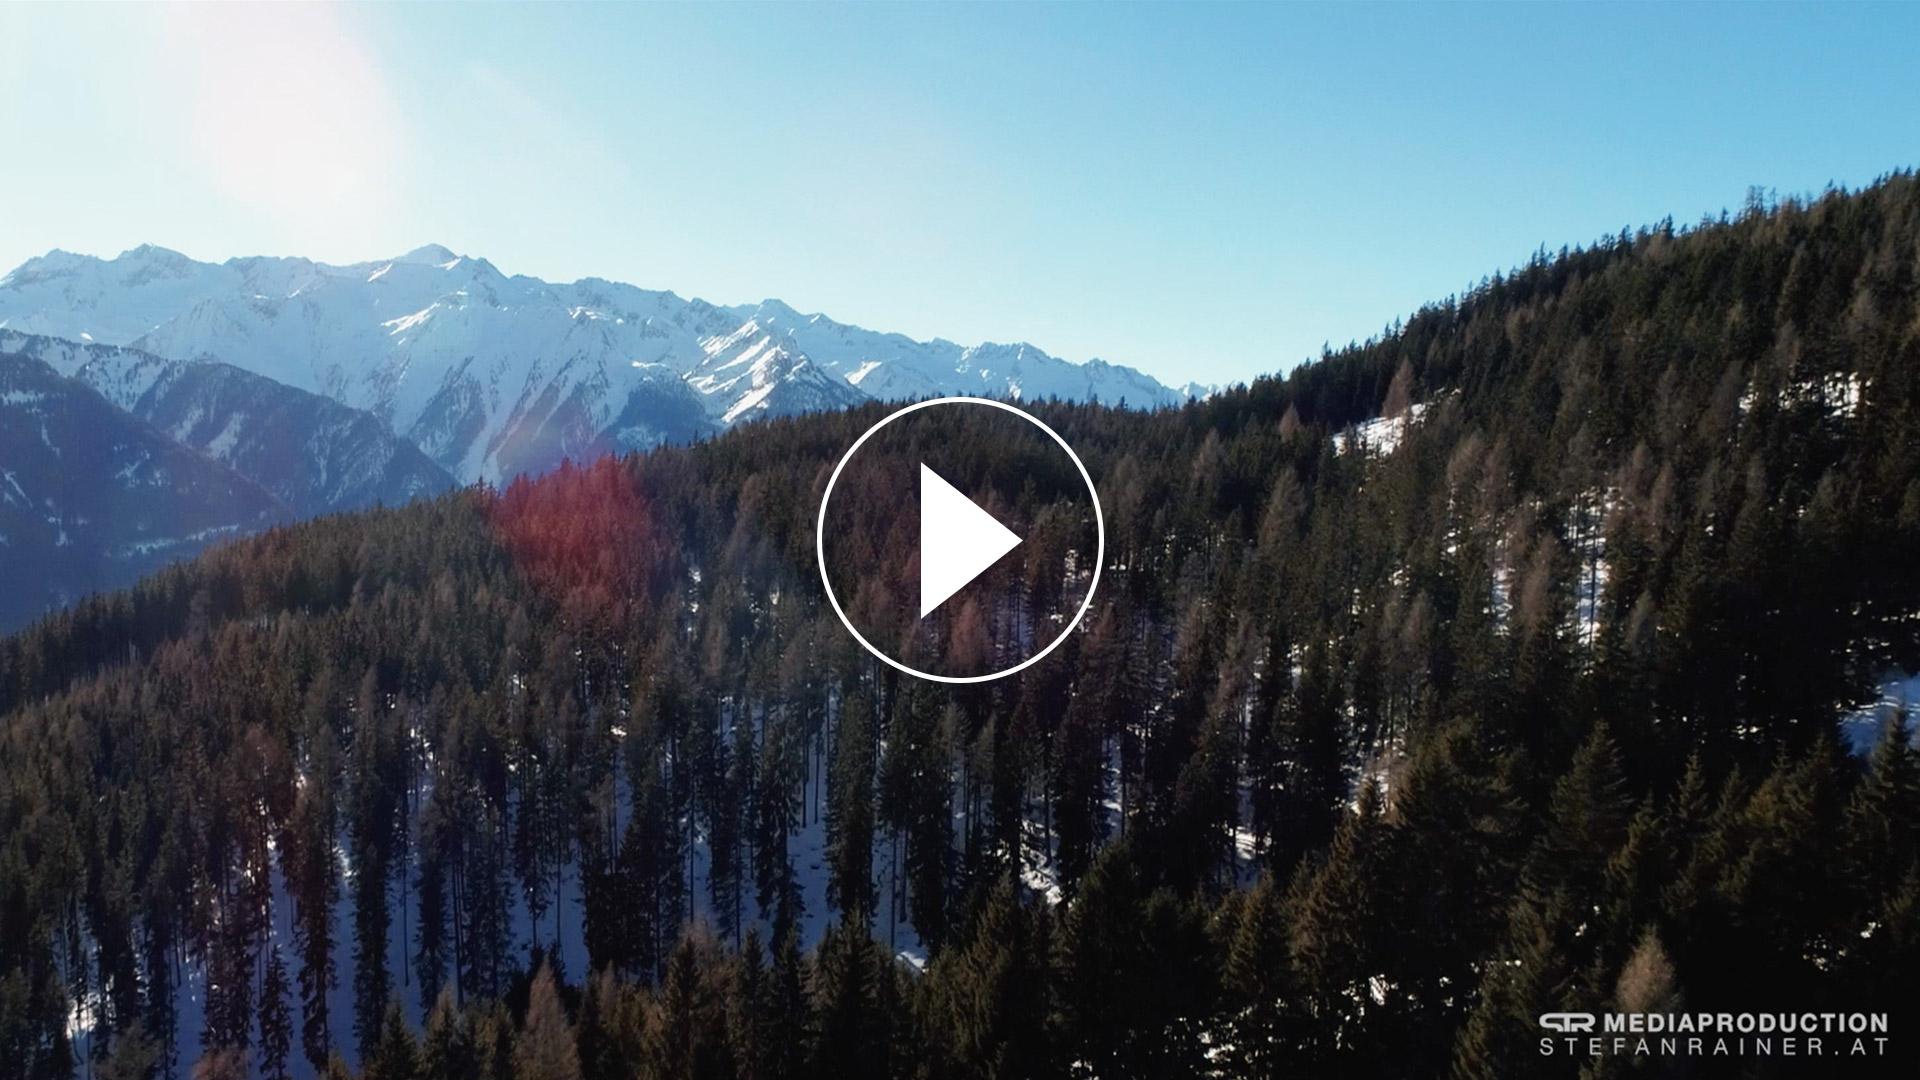 Skitour Video